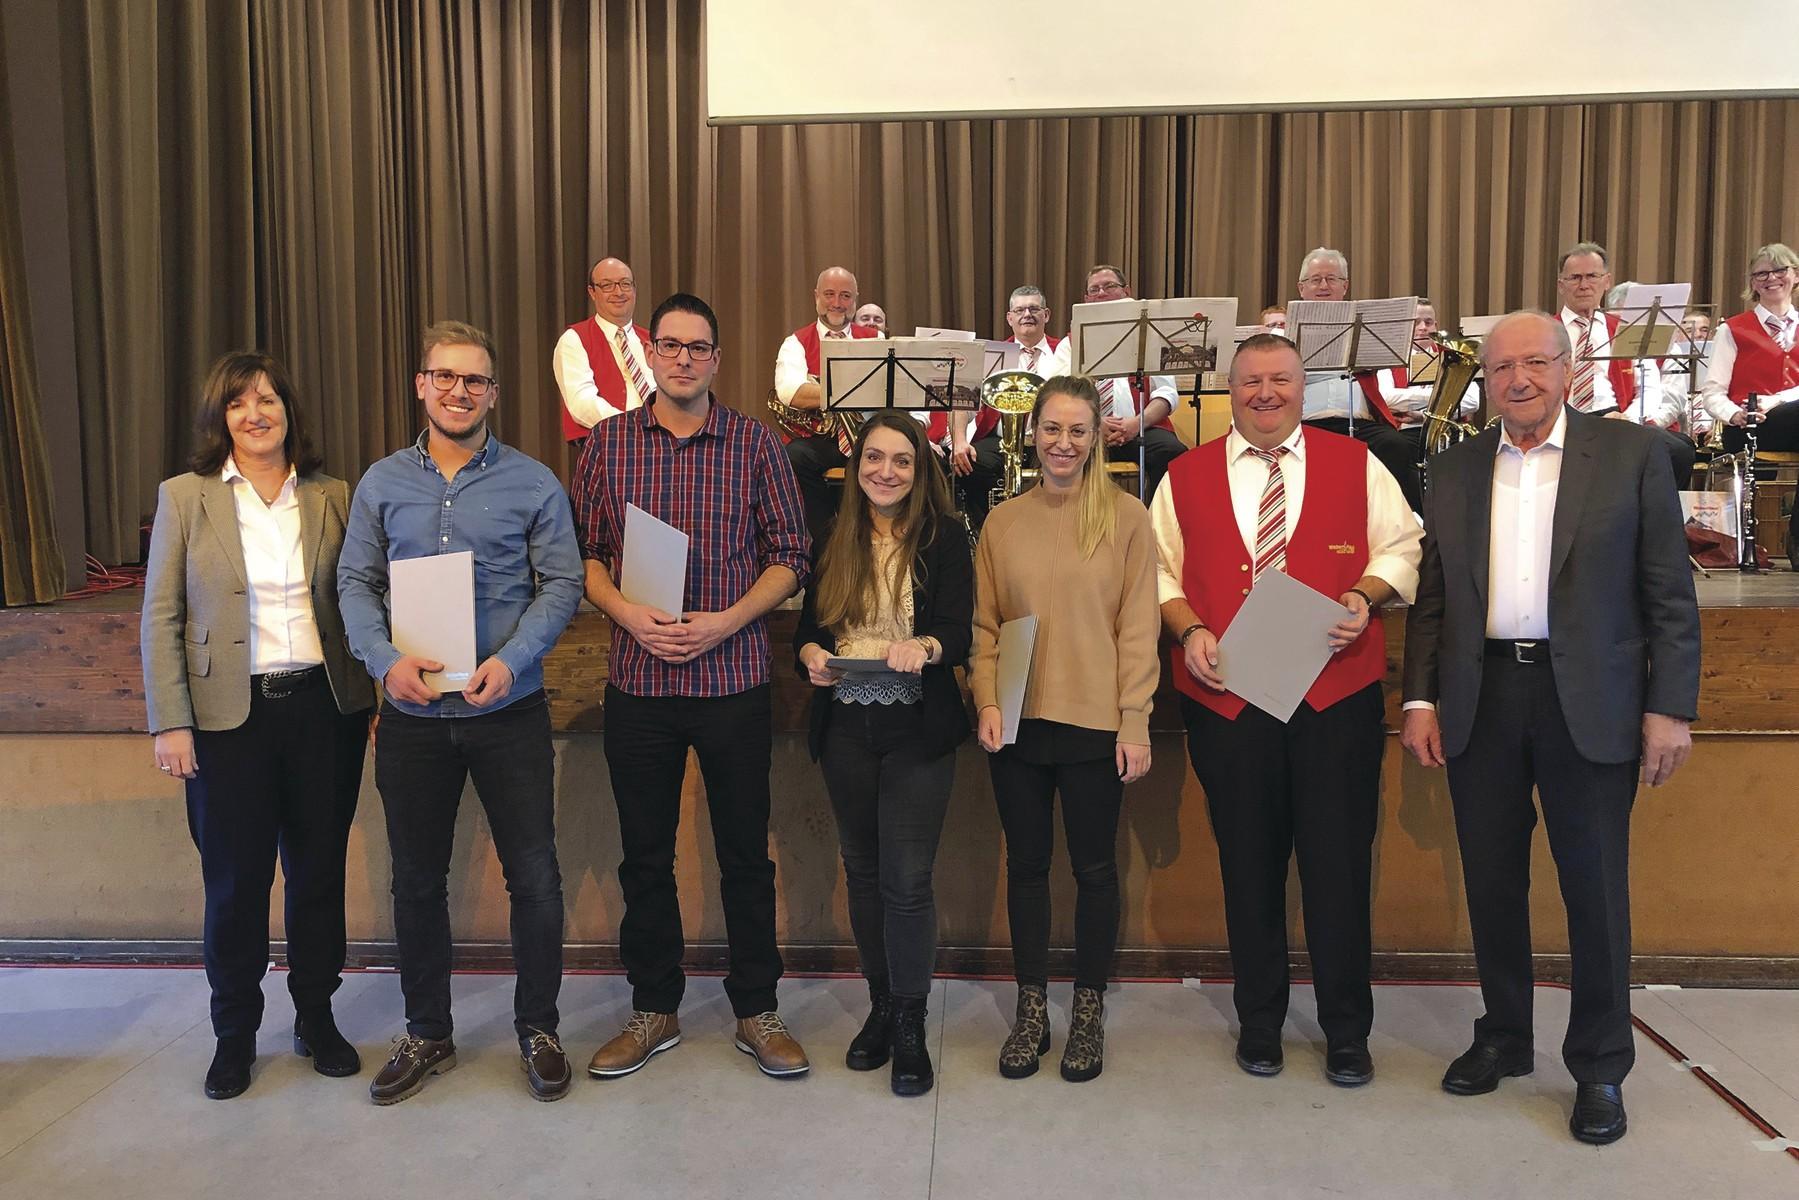 Betriebsversammlung von WeberHaus in Rheinau-Linx